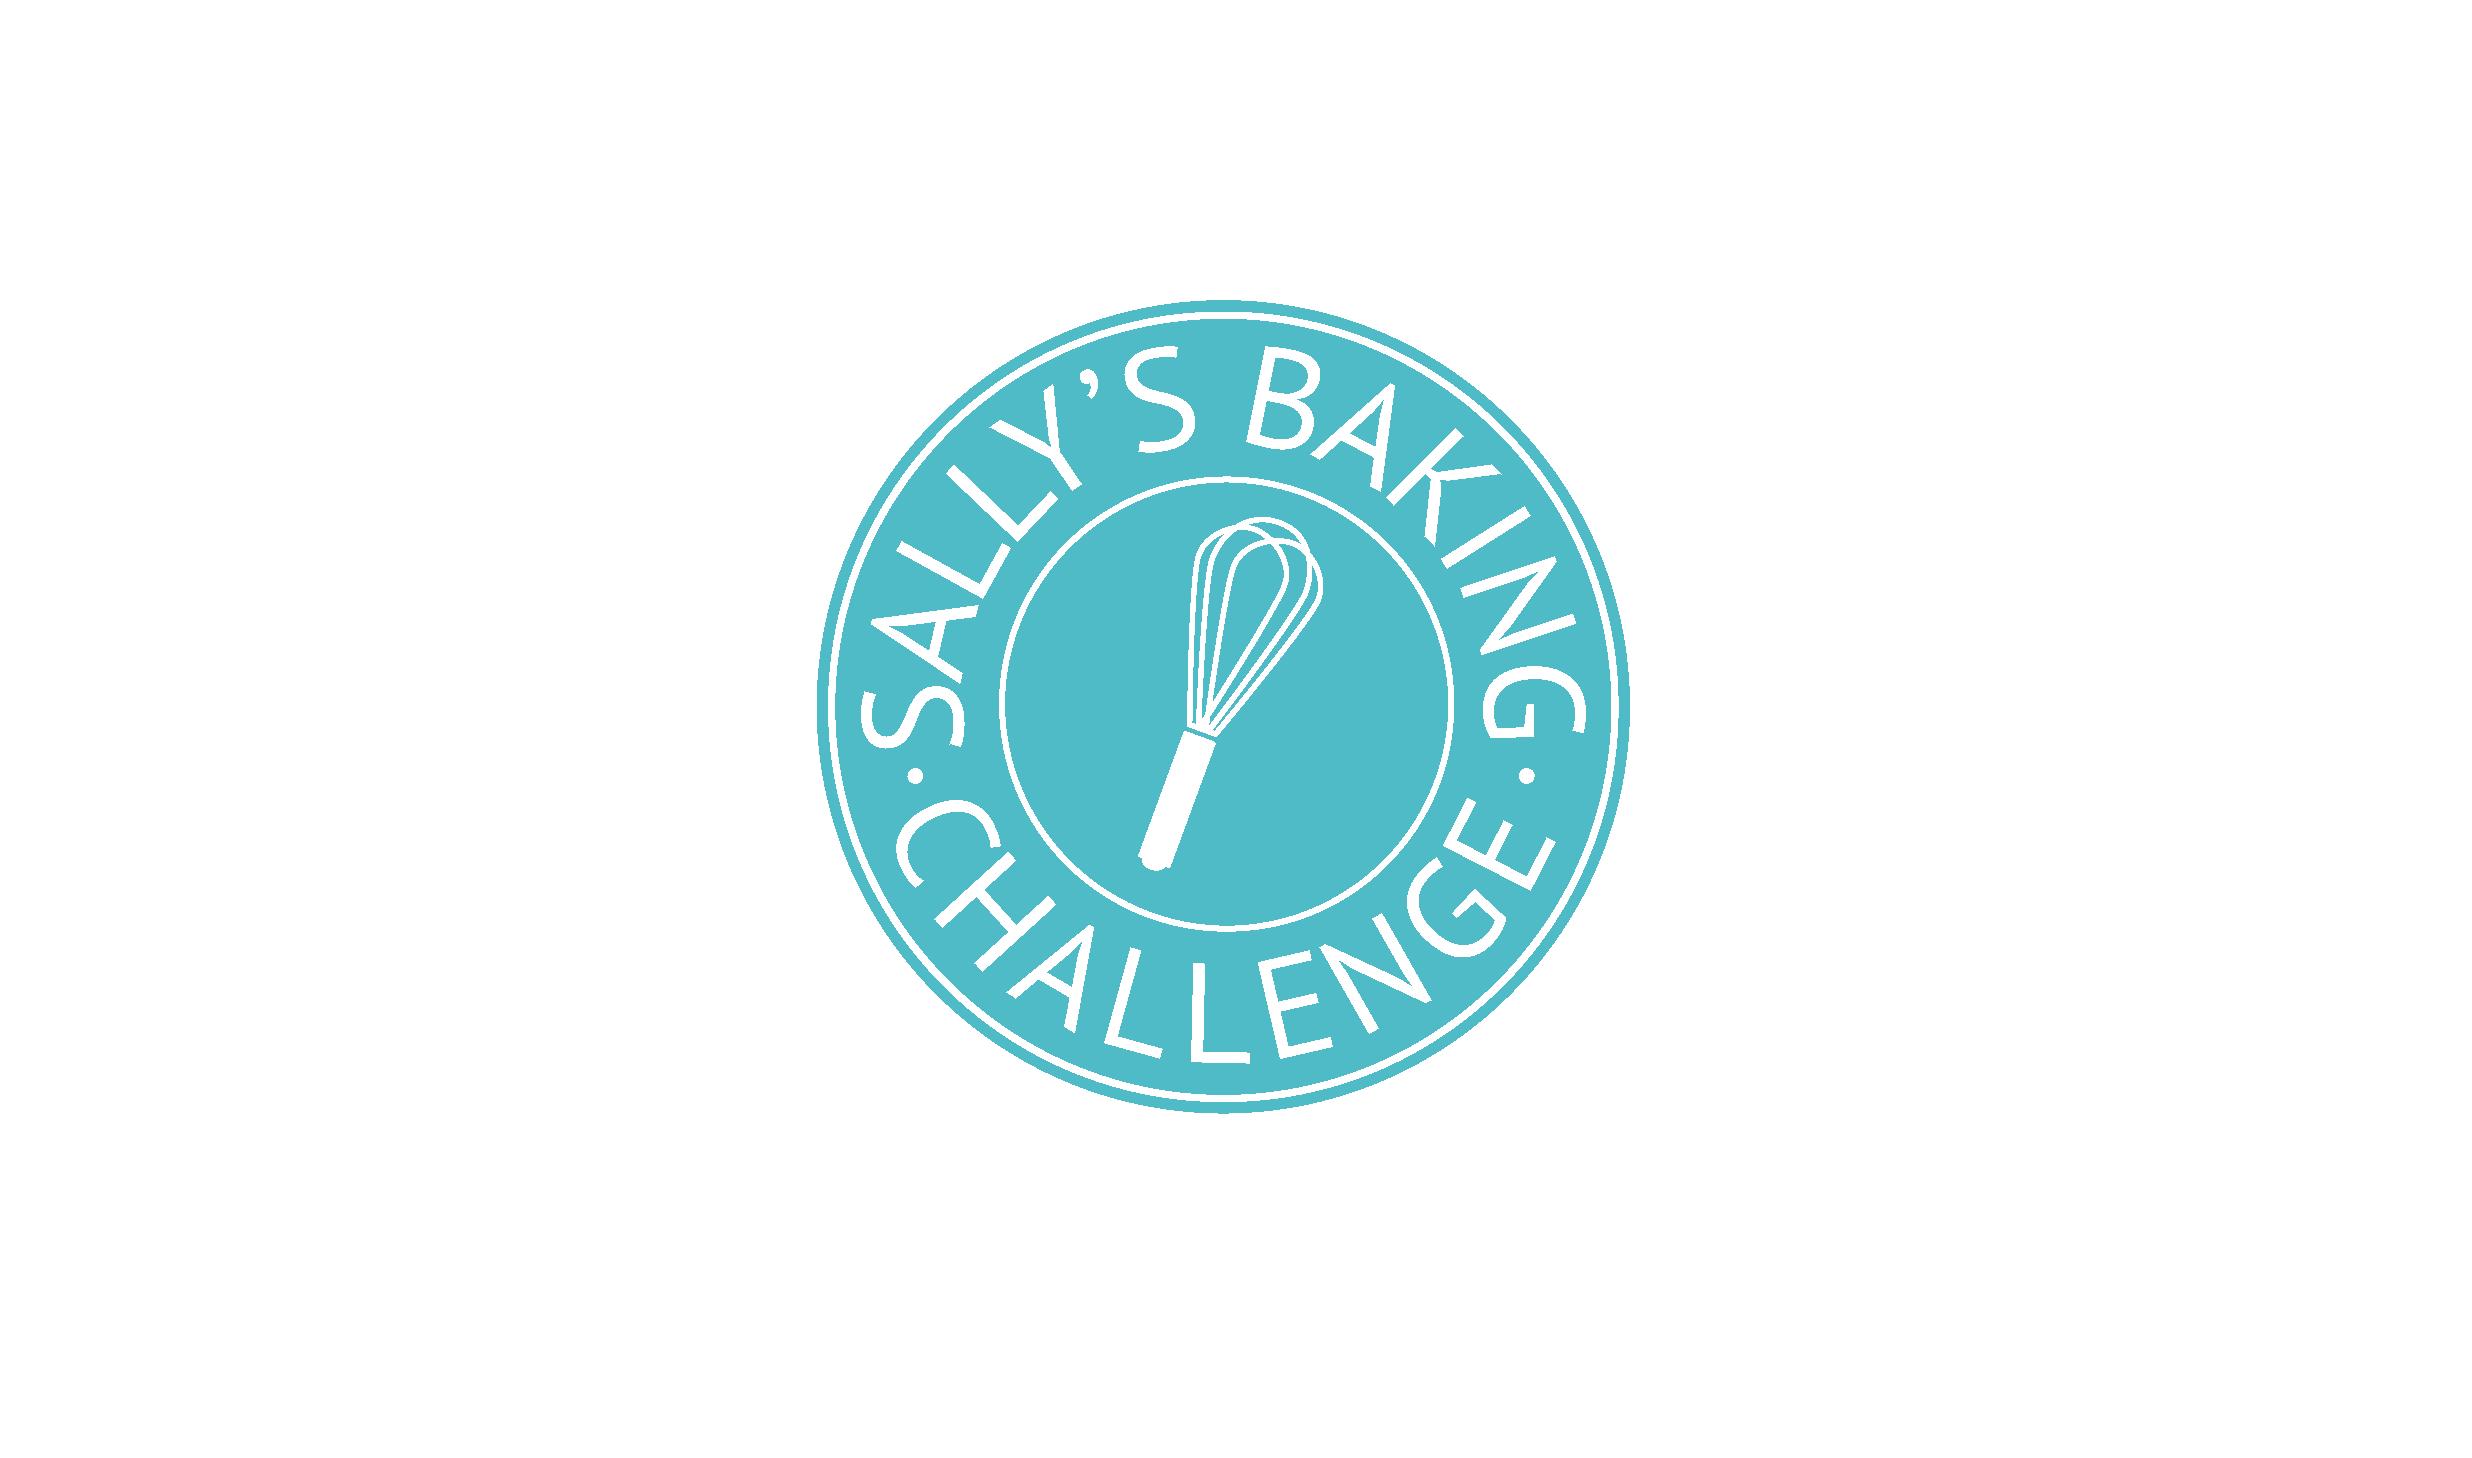 August Baking Challenge